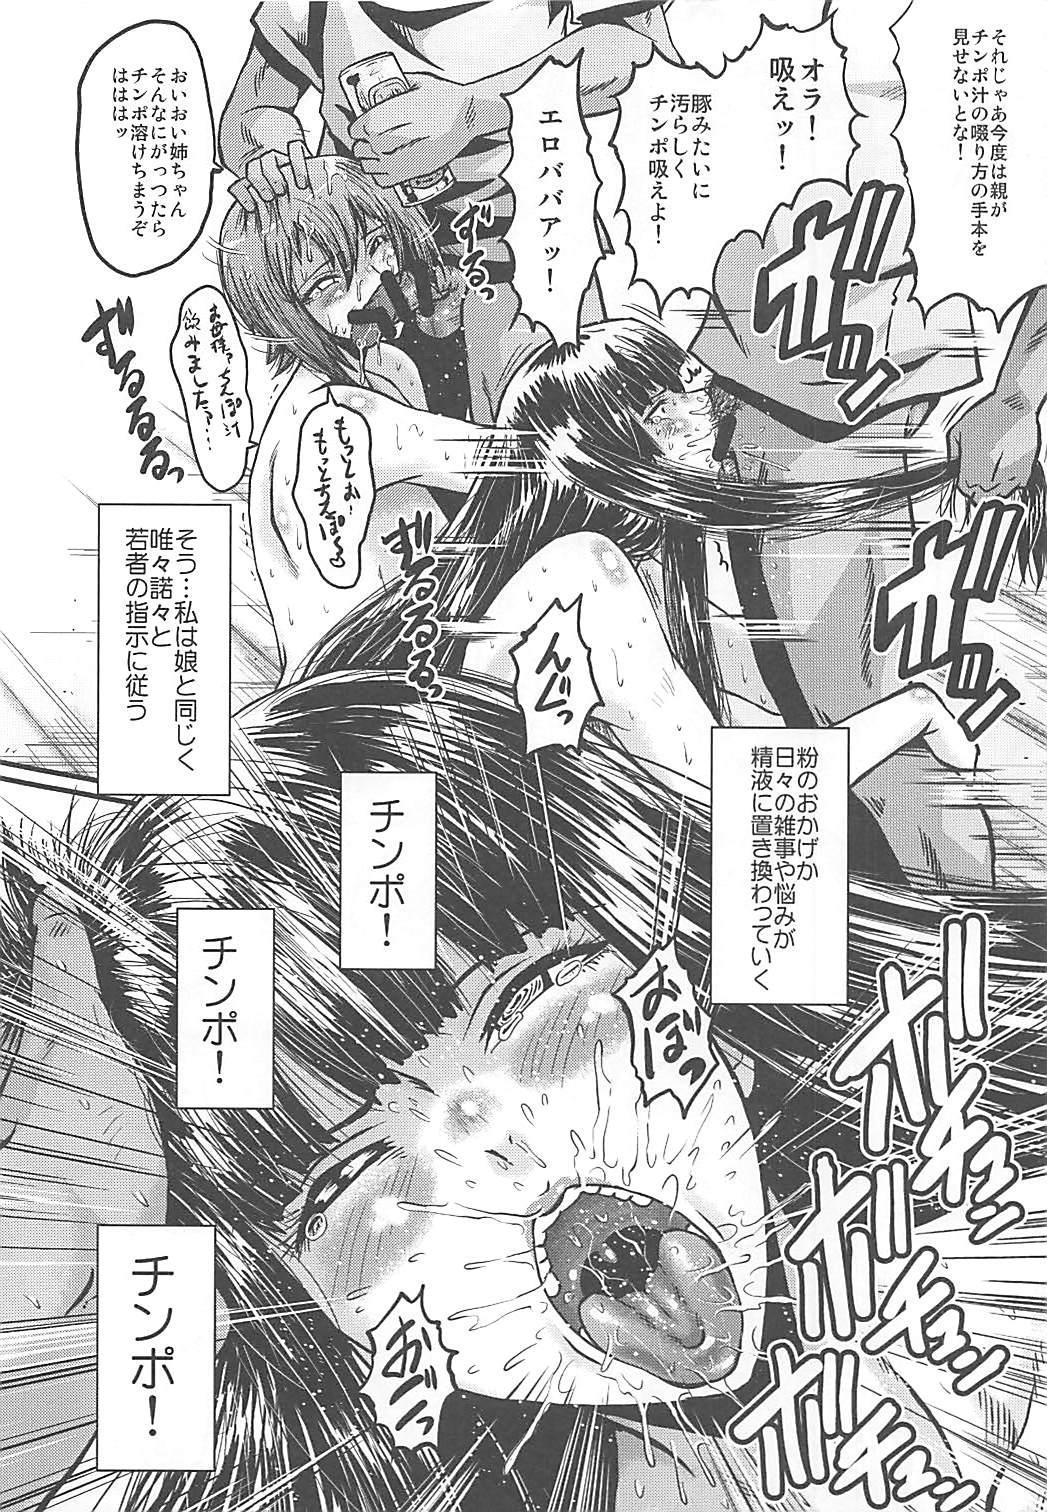 (C93) [Urakata Honpo (SINK)] Urabambi Vol. 56 ~Choubatsubou no Oyako Ana~ Bijin Oyako no Kimeseku Kairaku Jigoku~ (Girls und Panzer) 20